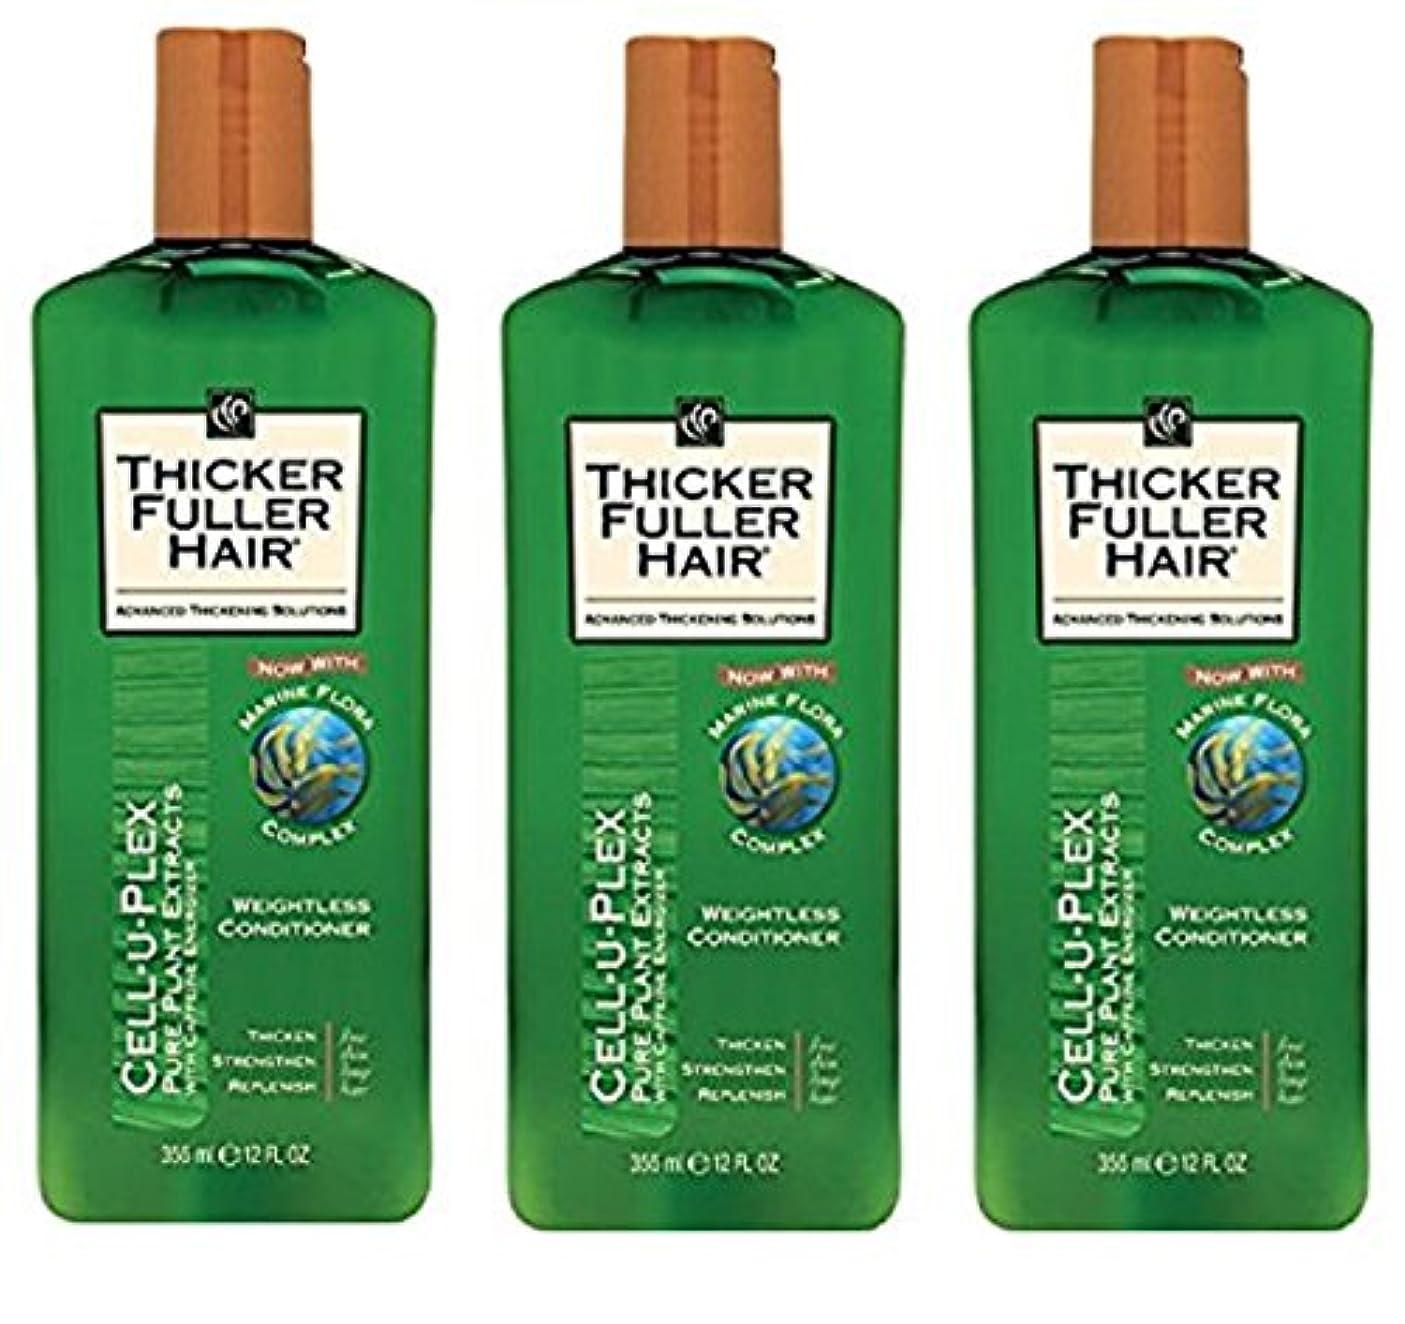 シダ排泄物眠るThicker Fuller 髪の無重力コンディショナーセル-U-PLEX 12オンス。 (3パック)